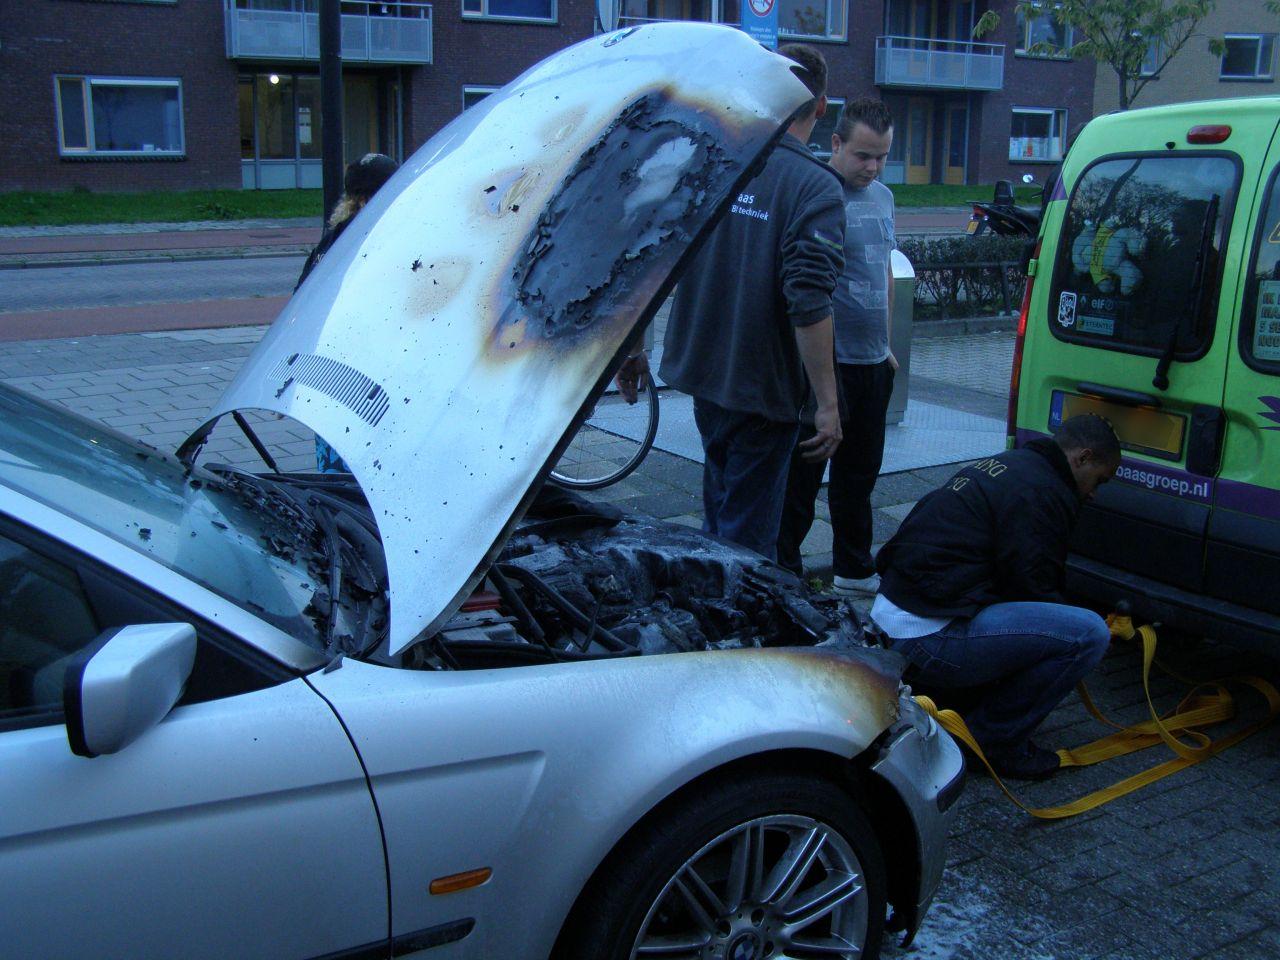 Kortsluiting zorgt voor autobrand